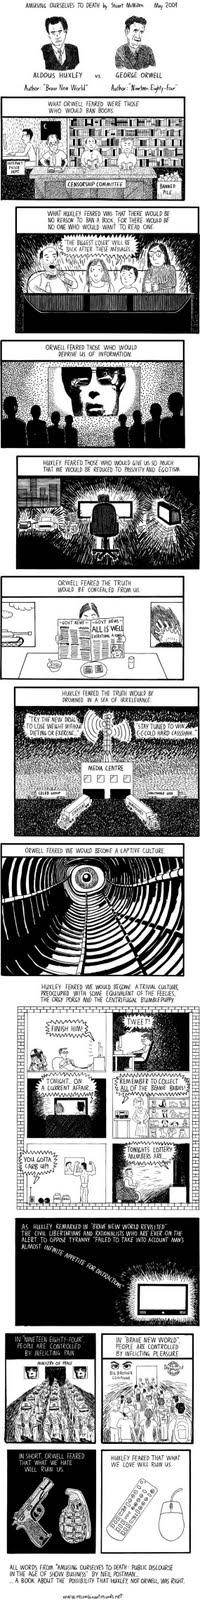 George Orwell Verses Aldus Huxley